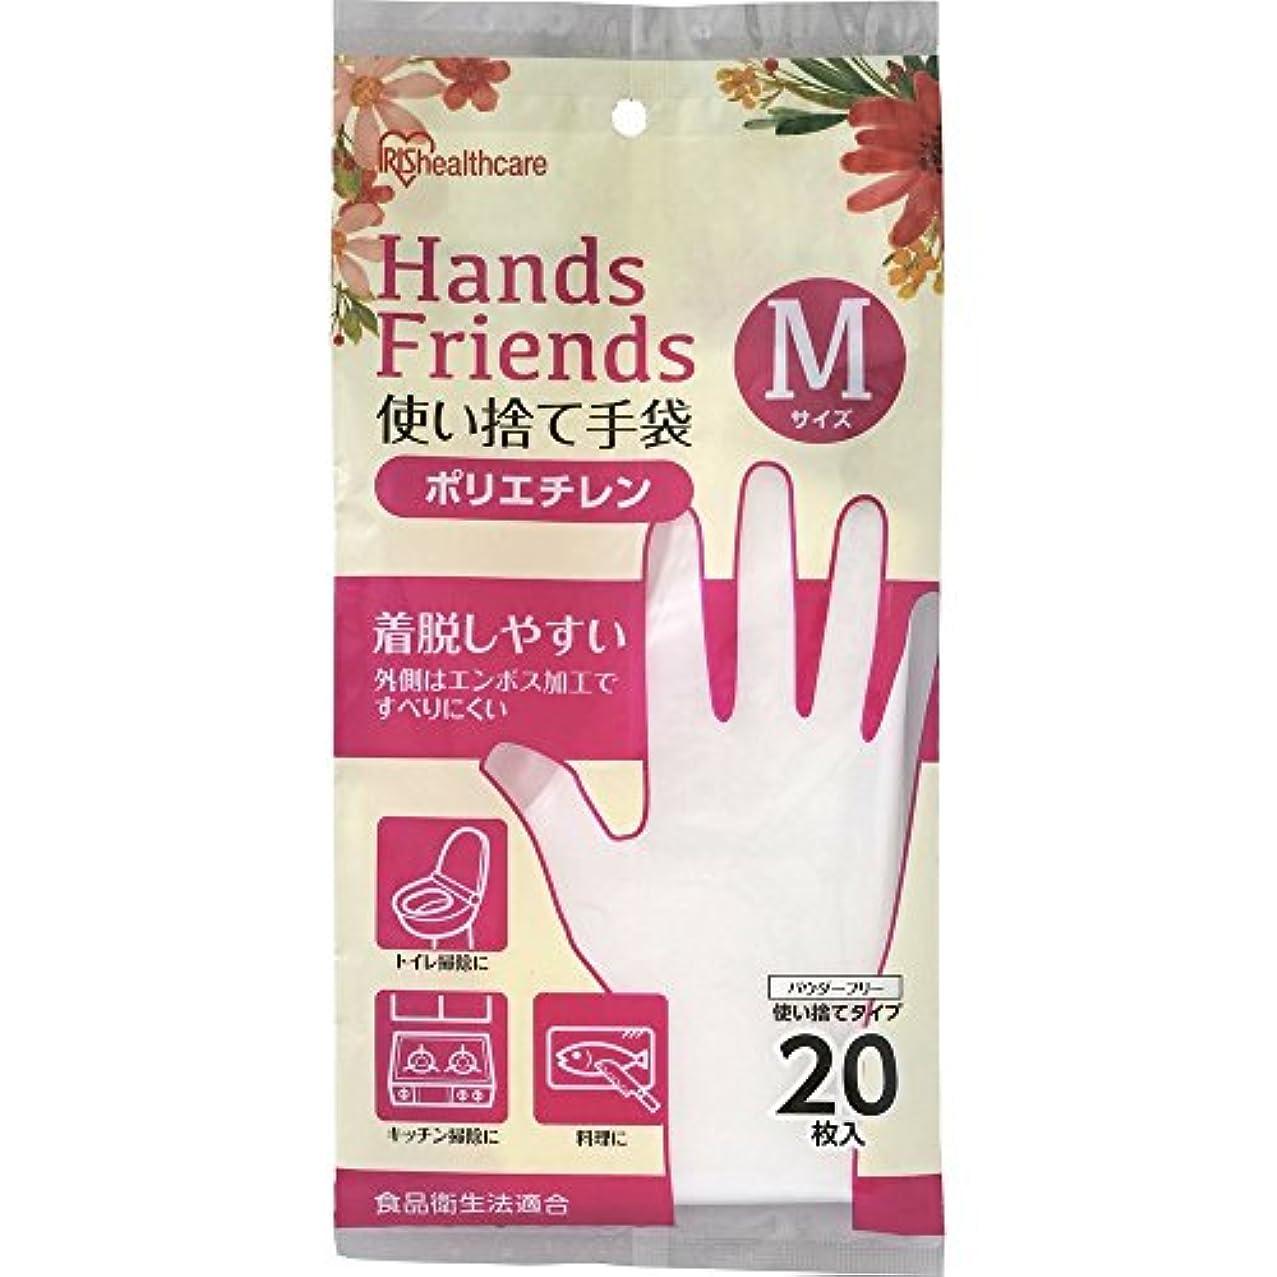 砦境界うまれた使い捨て手袋 ポリエチレン手袋 Mサイズ 粉なし パウダーフリー クリア 20枚入